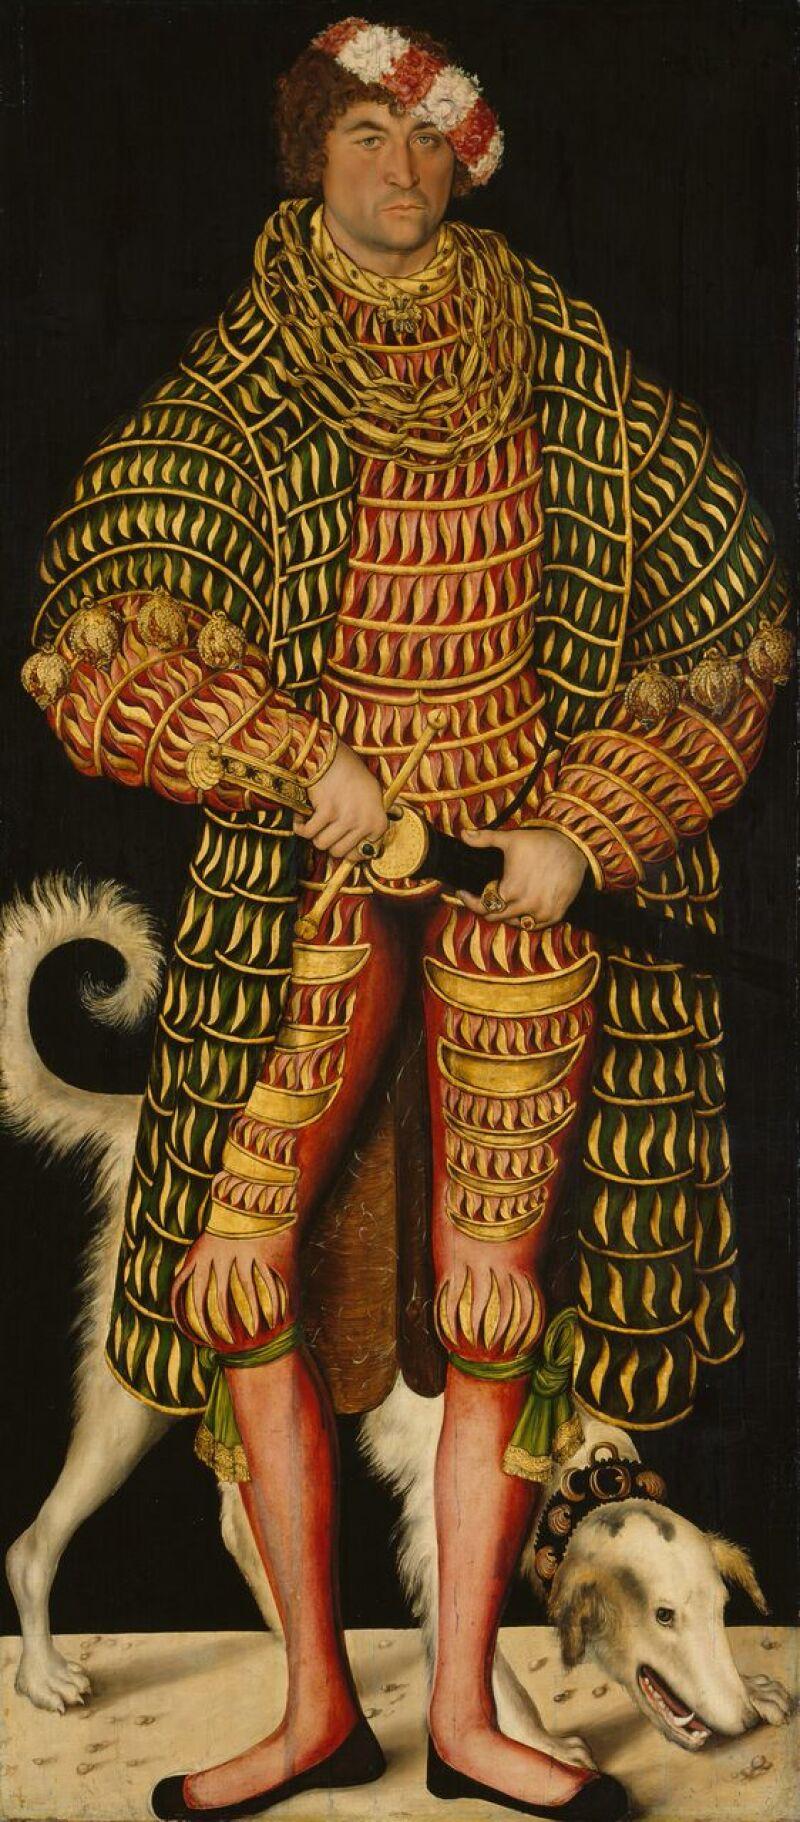 Dresden, Alte Meister_Lucas Cranach the Elder, Henry the Pious, Duke of Saxony